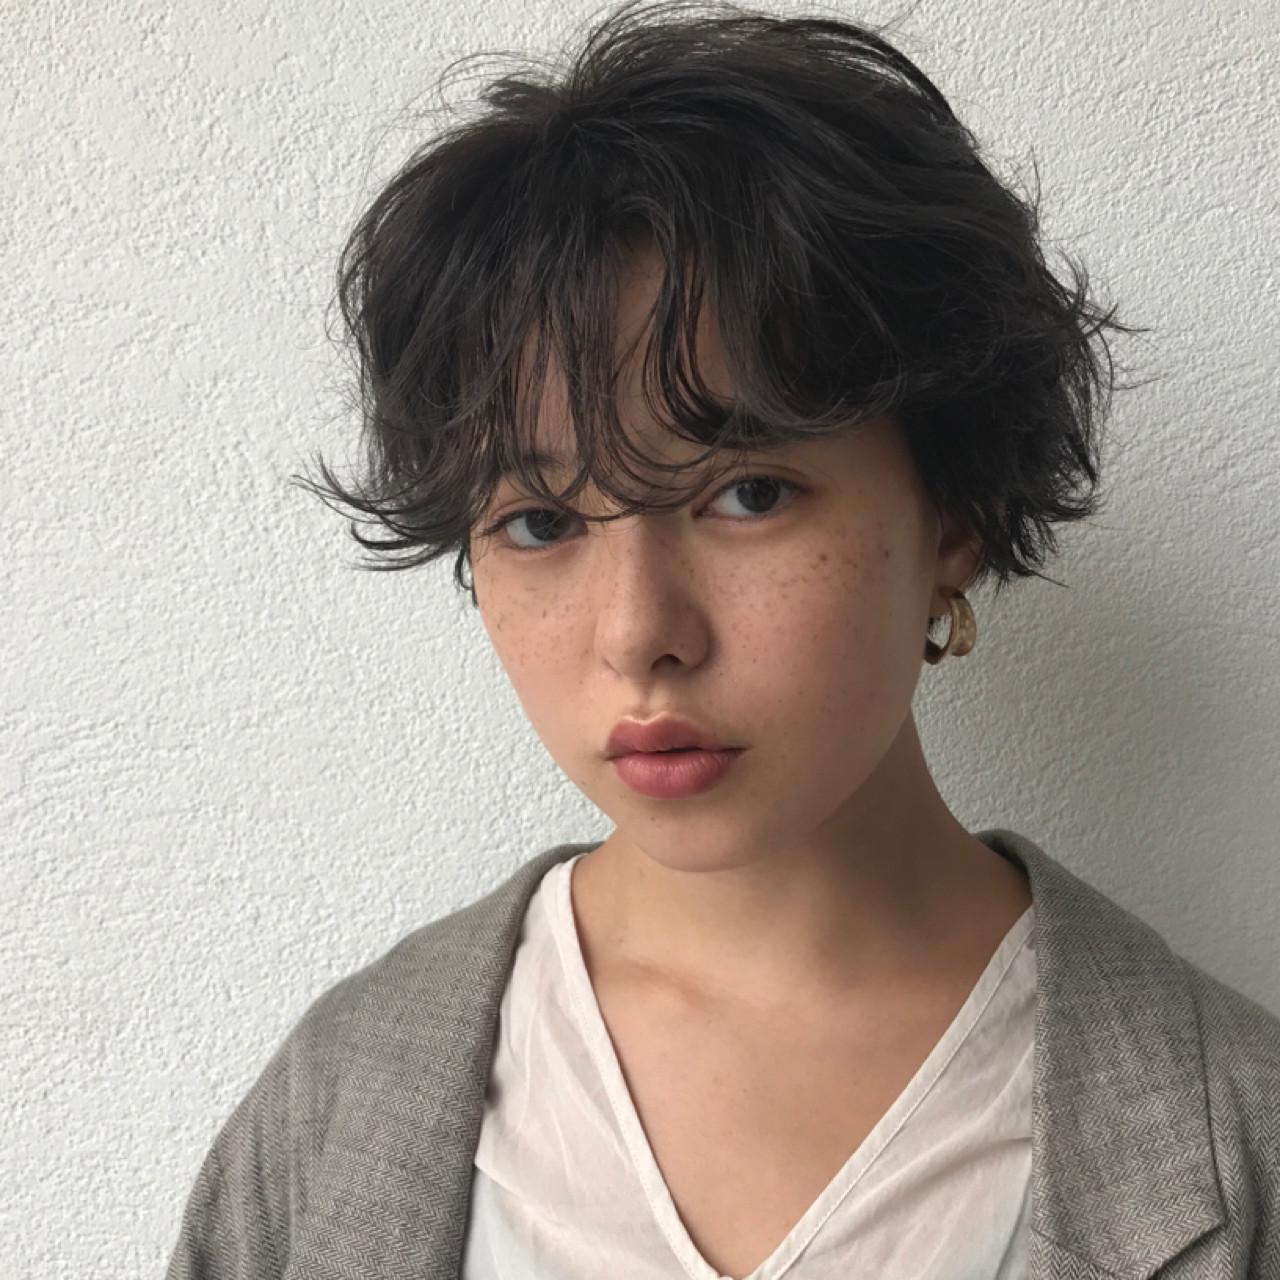 簡単 パーマ 前髪パーマ アンニュイ ヘアスタイルや髪型の写真・画像 | 高橋 忍 / nanuk渋谷店(ナヌーク)